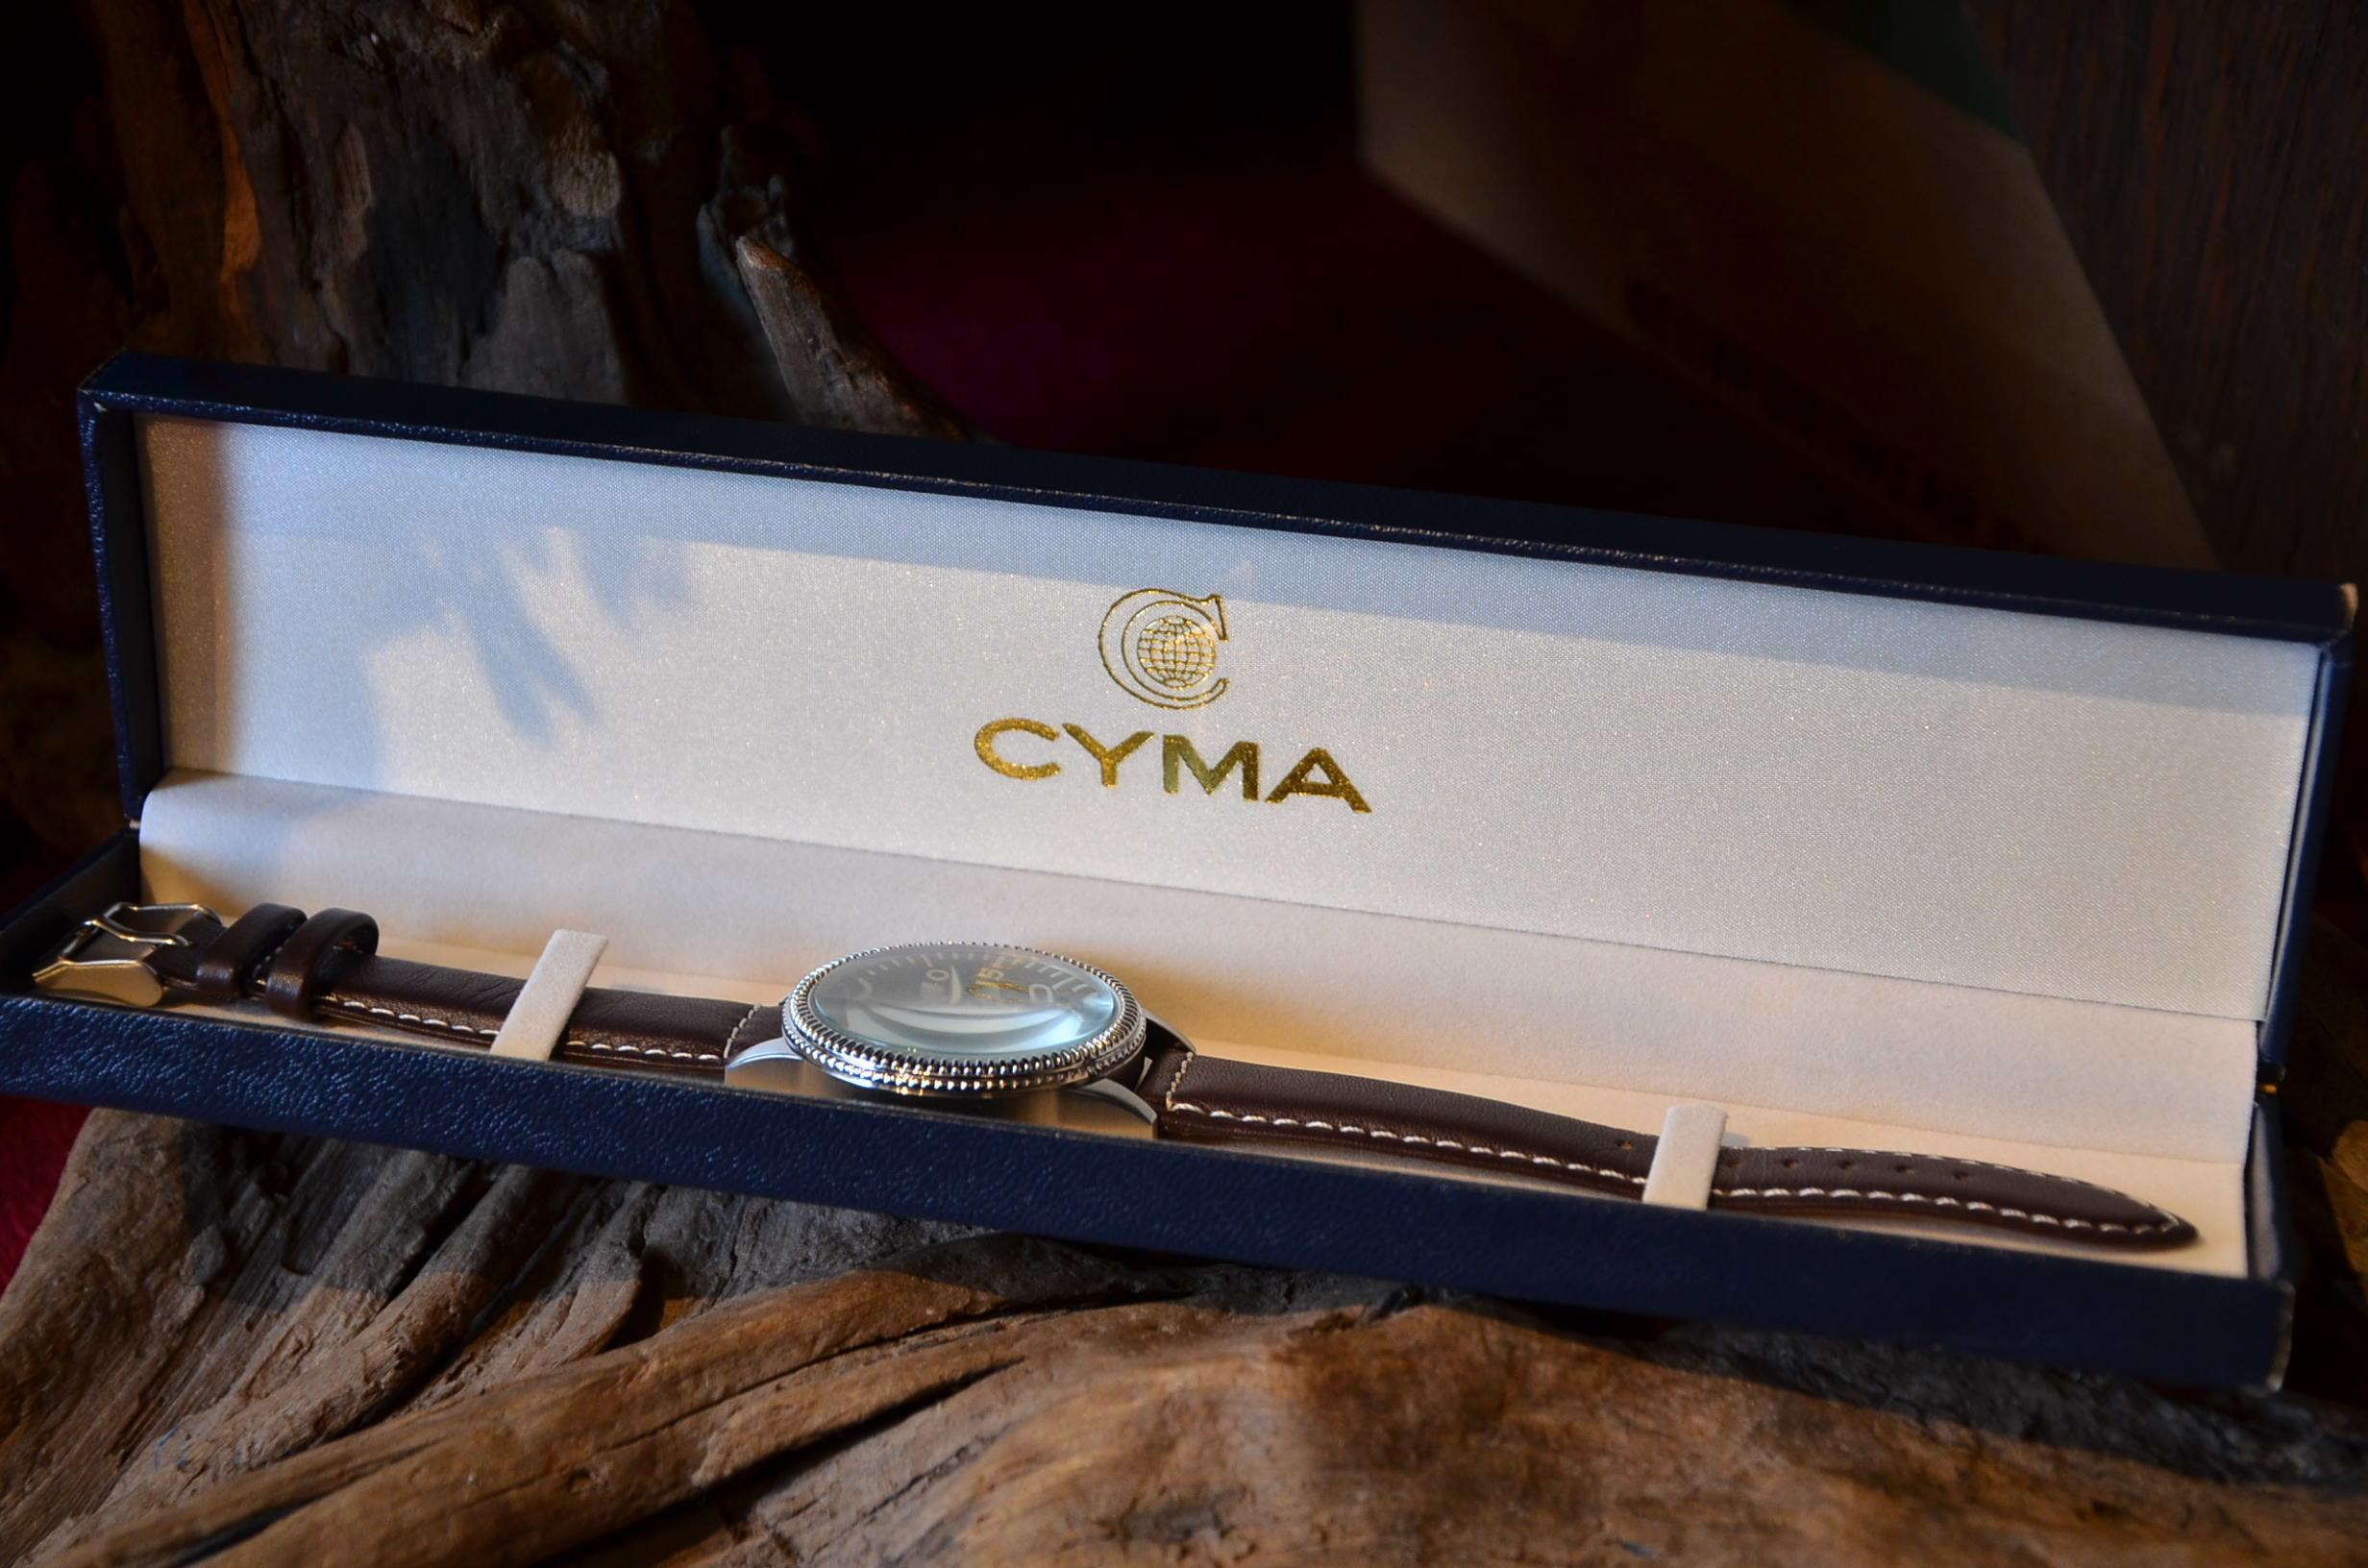 クリスマスギフトにも最適な腕時計_c0167336_15373980.jpg